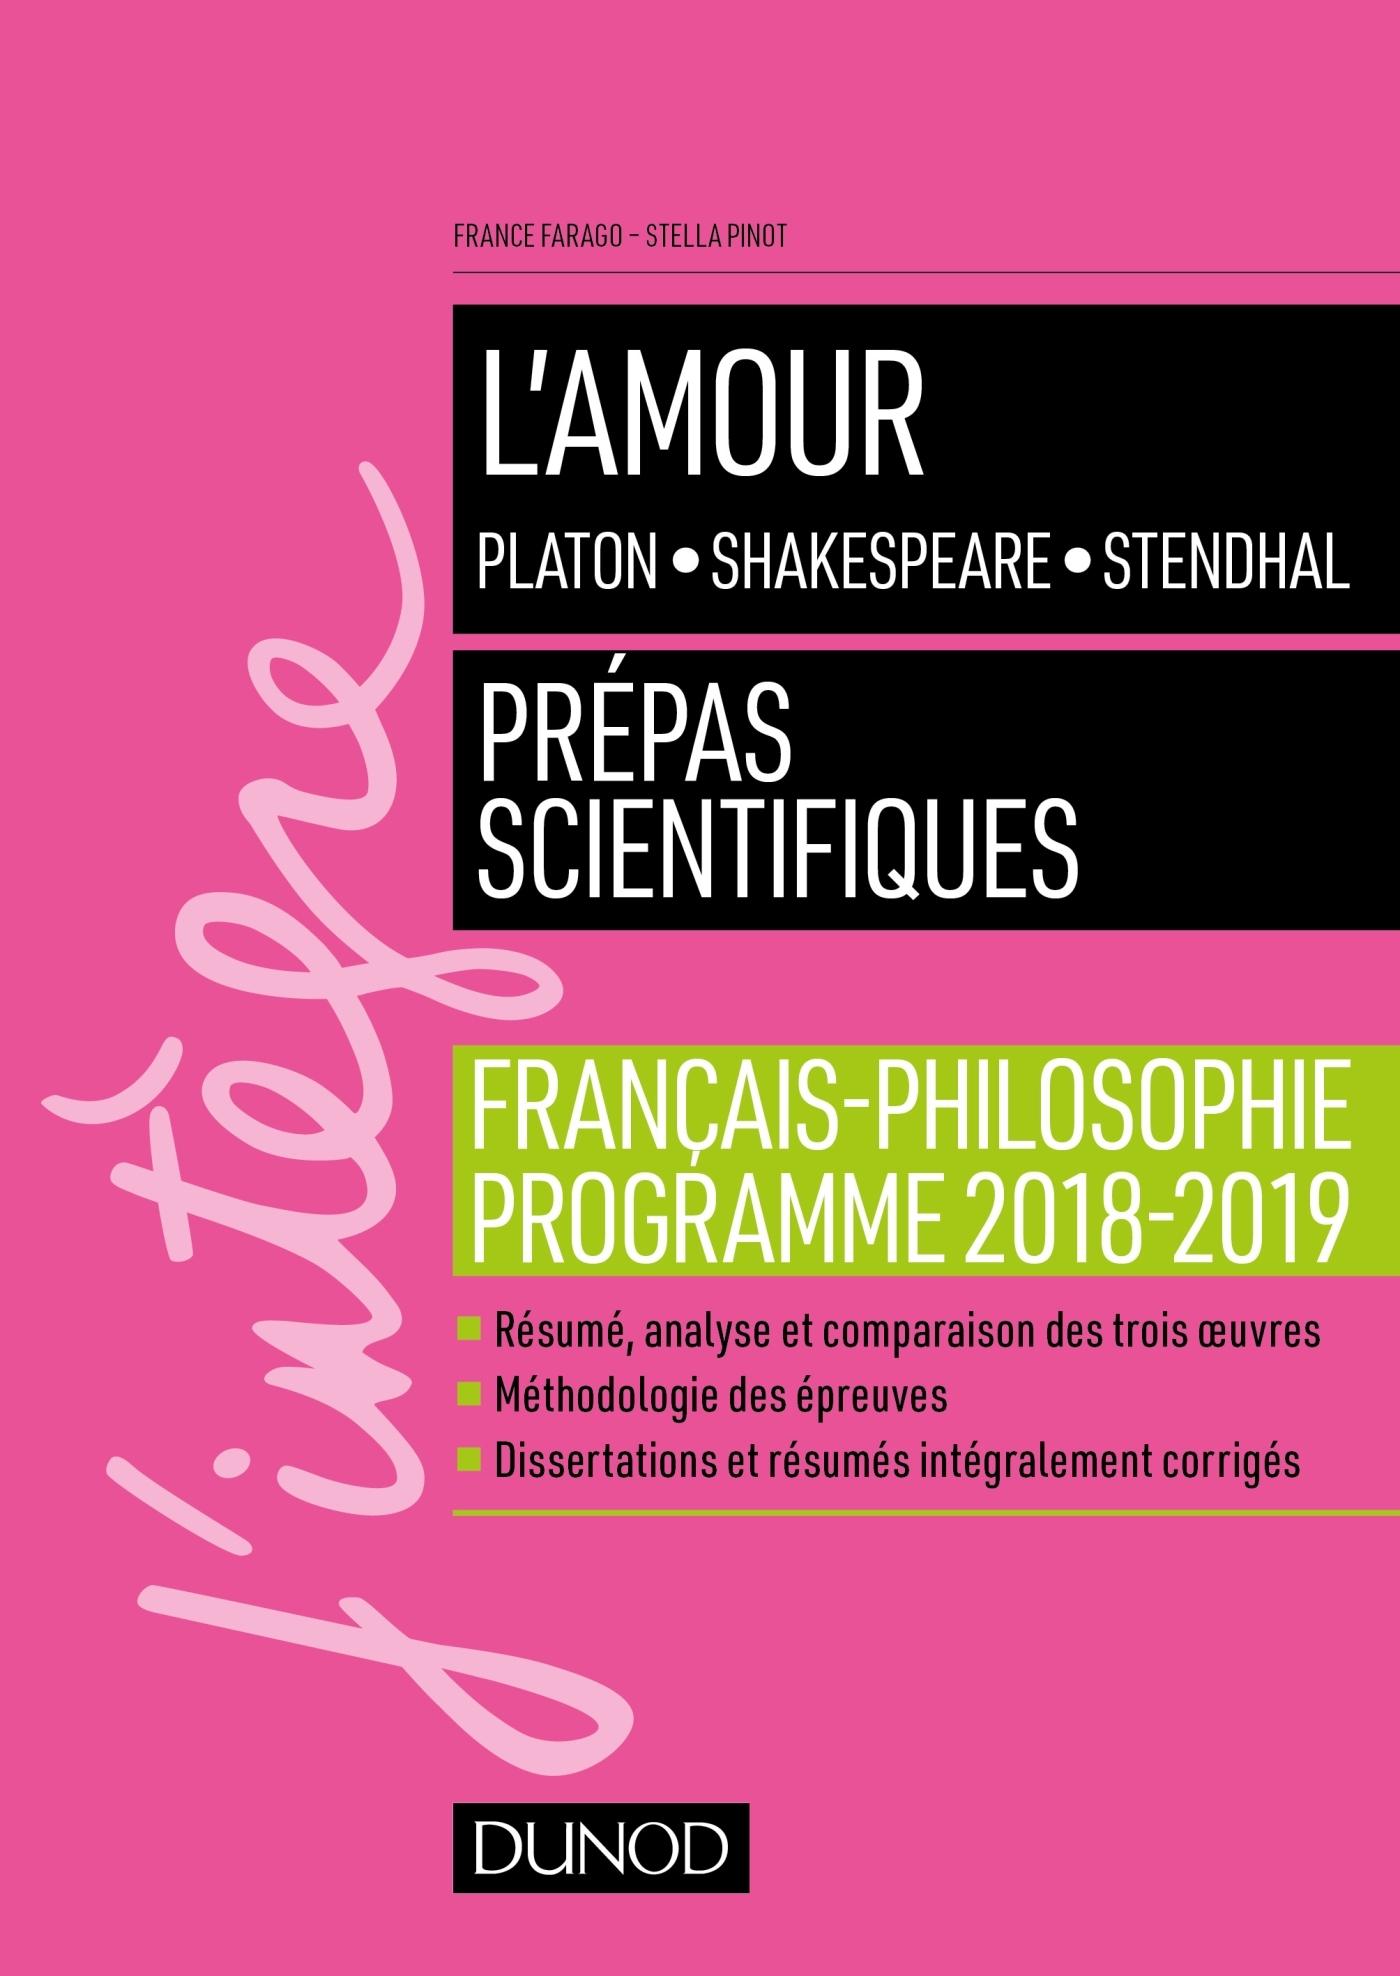 L'AMOUR - EPREUVE DE FRANCAIS-PHILOSOPHIE PREPAS SCIENTIFIQUES 2018-2019